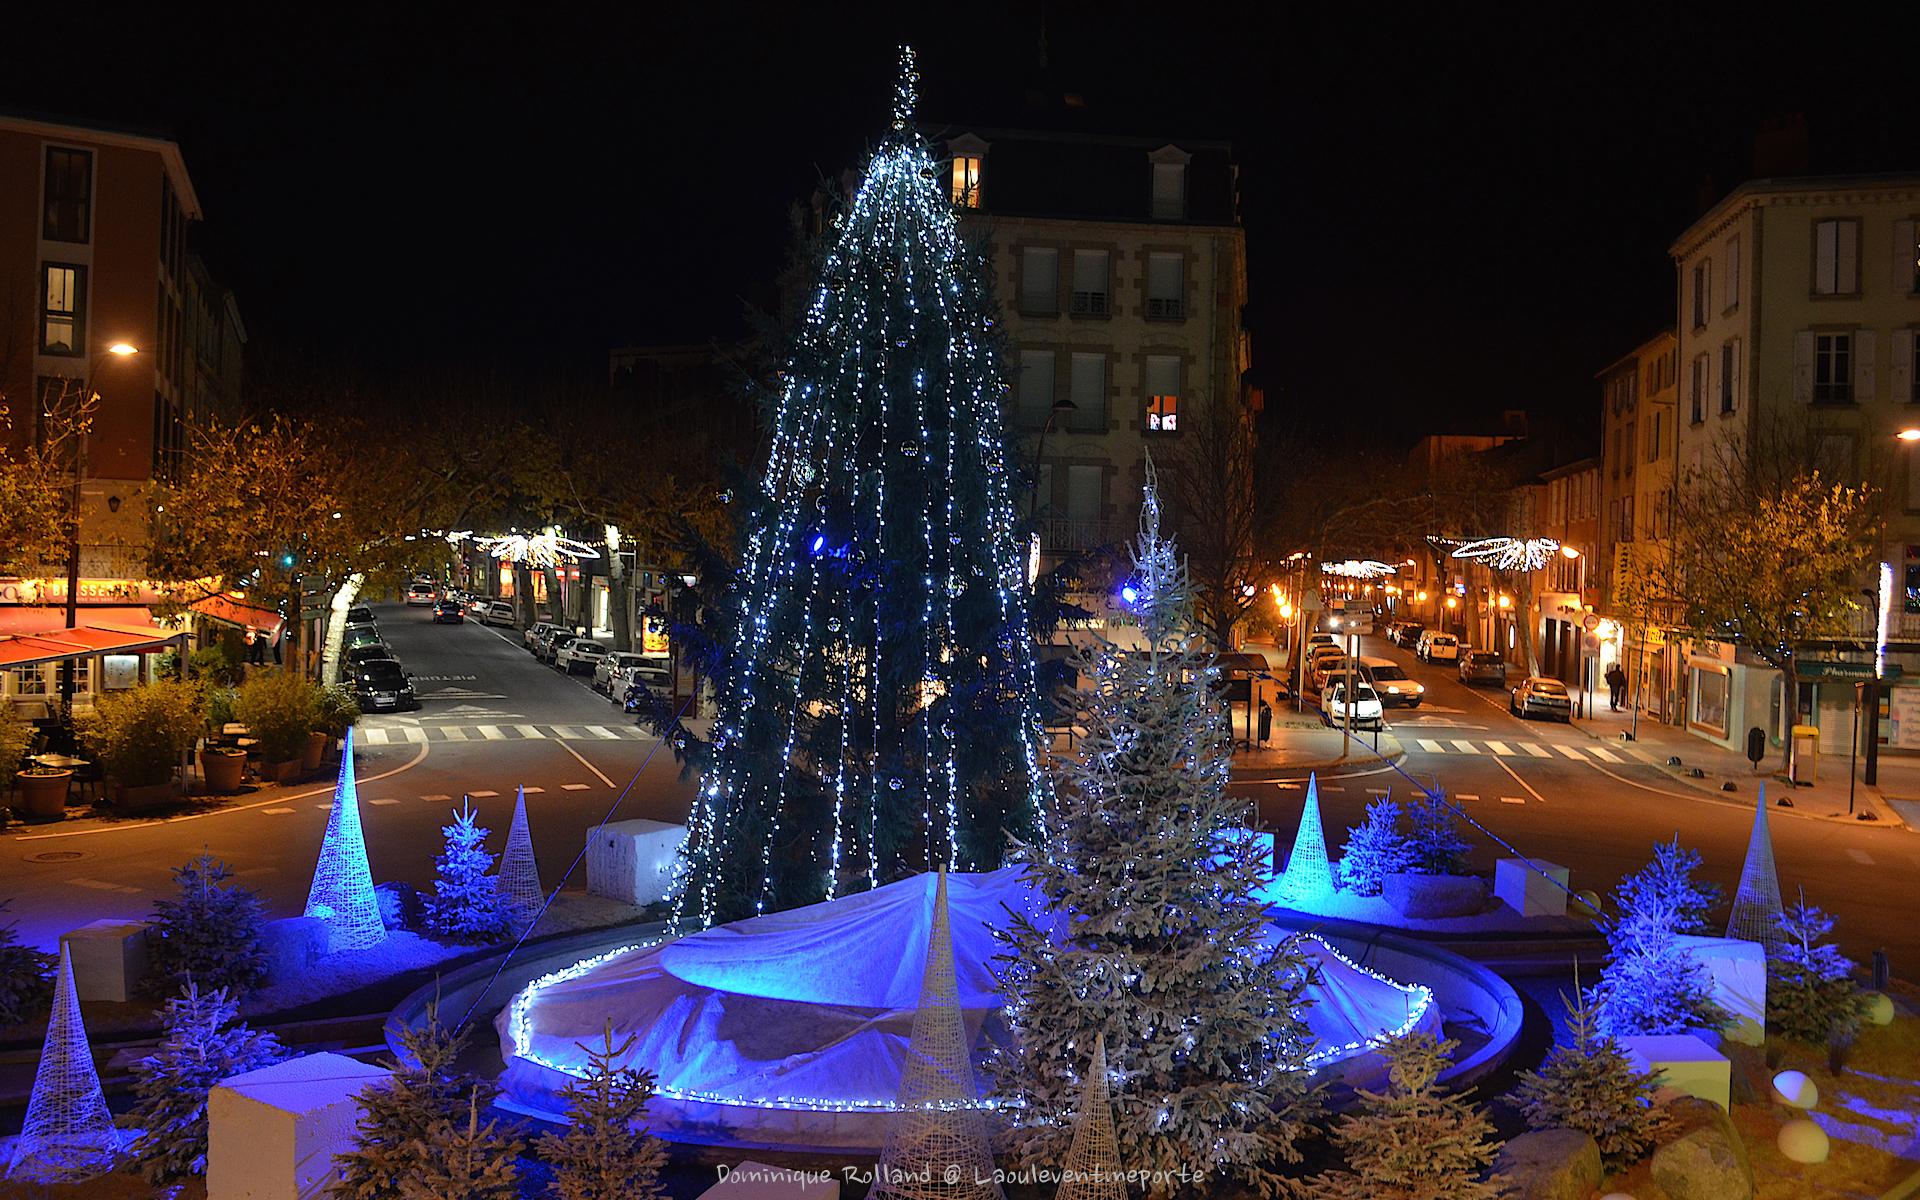 Arboles de Navidad en las ciudades - 1920x1200